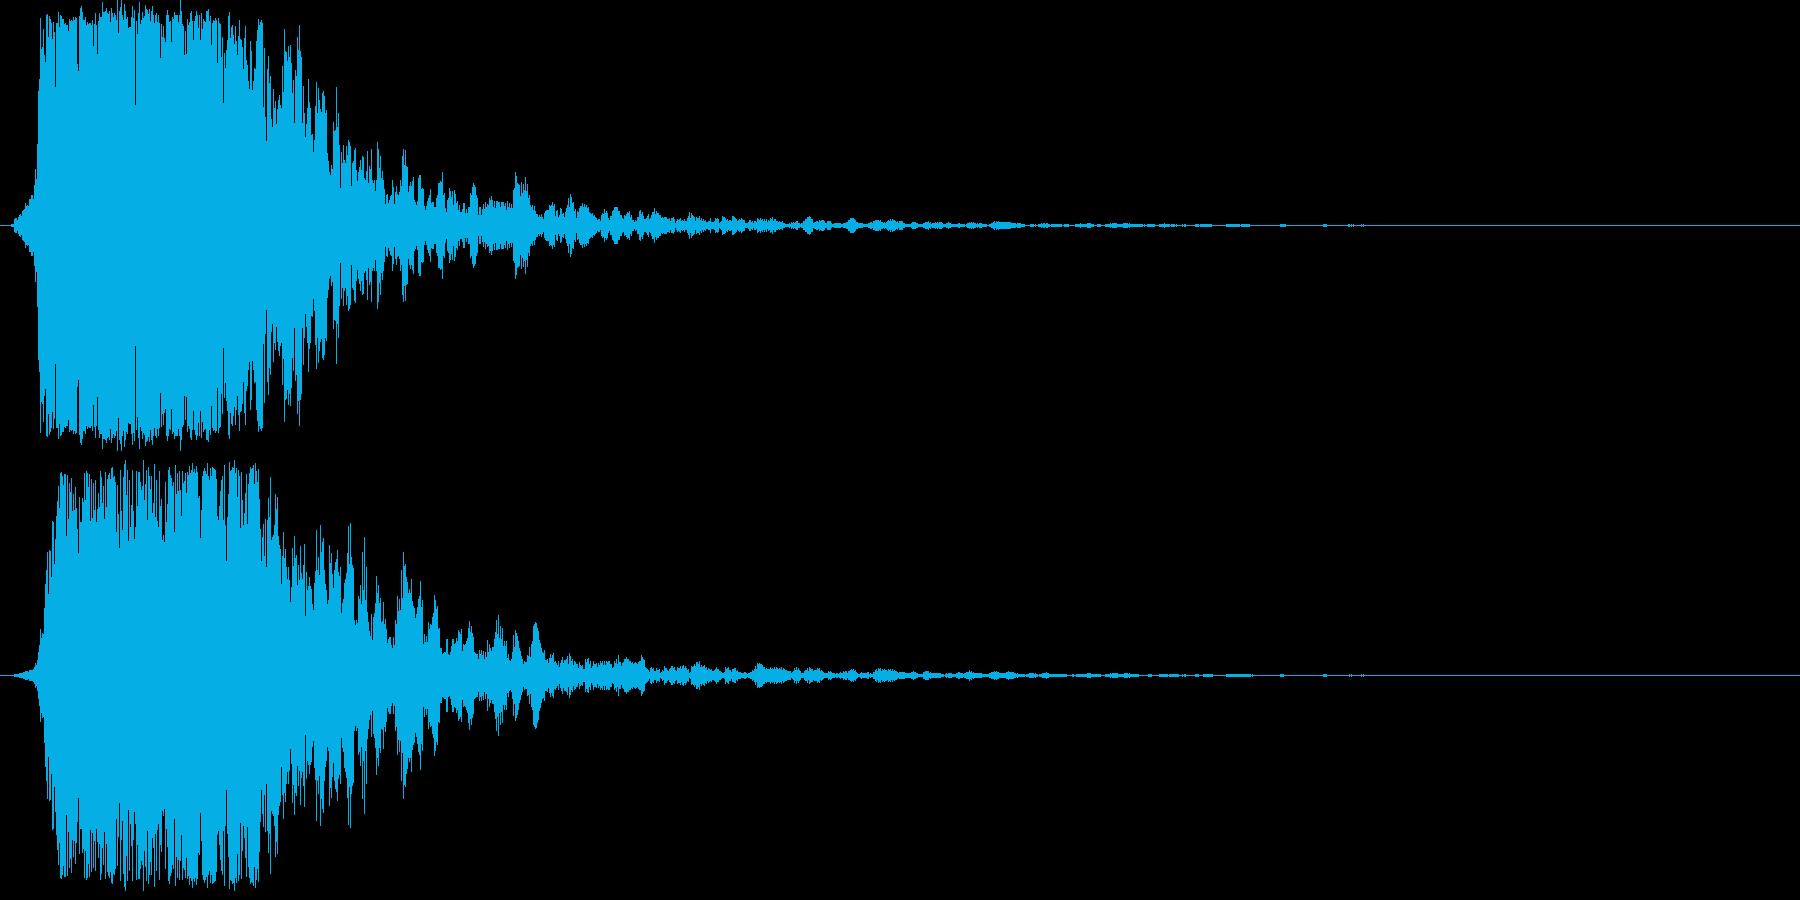 シャキーン(光、輝き、魔法、攻撃等)1bの再生済みの波形